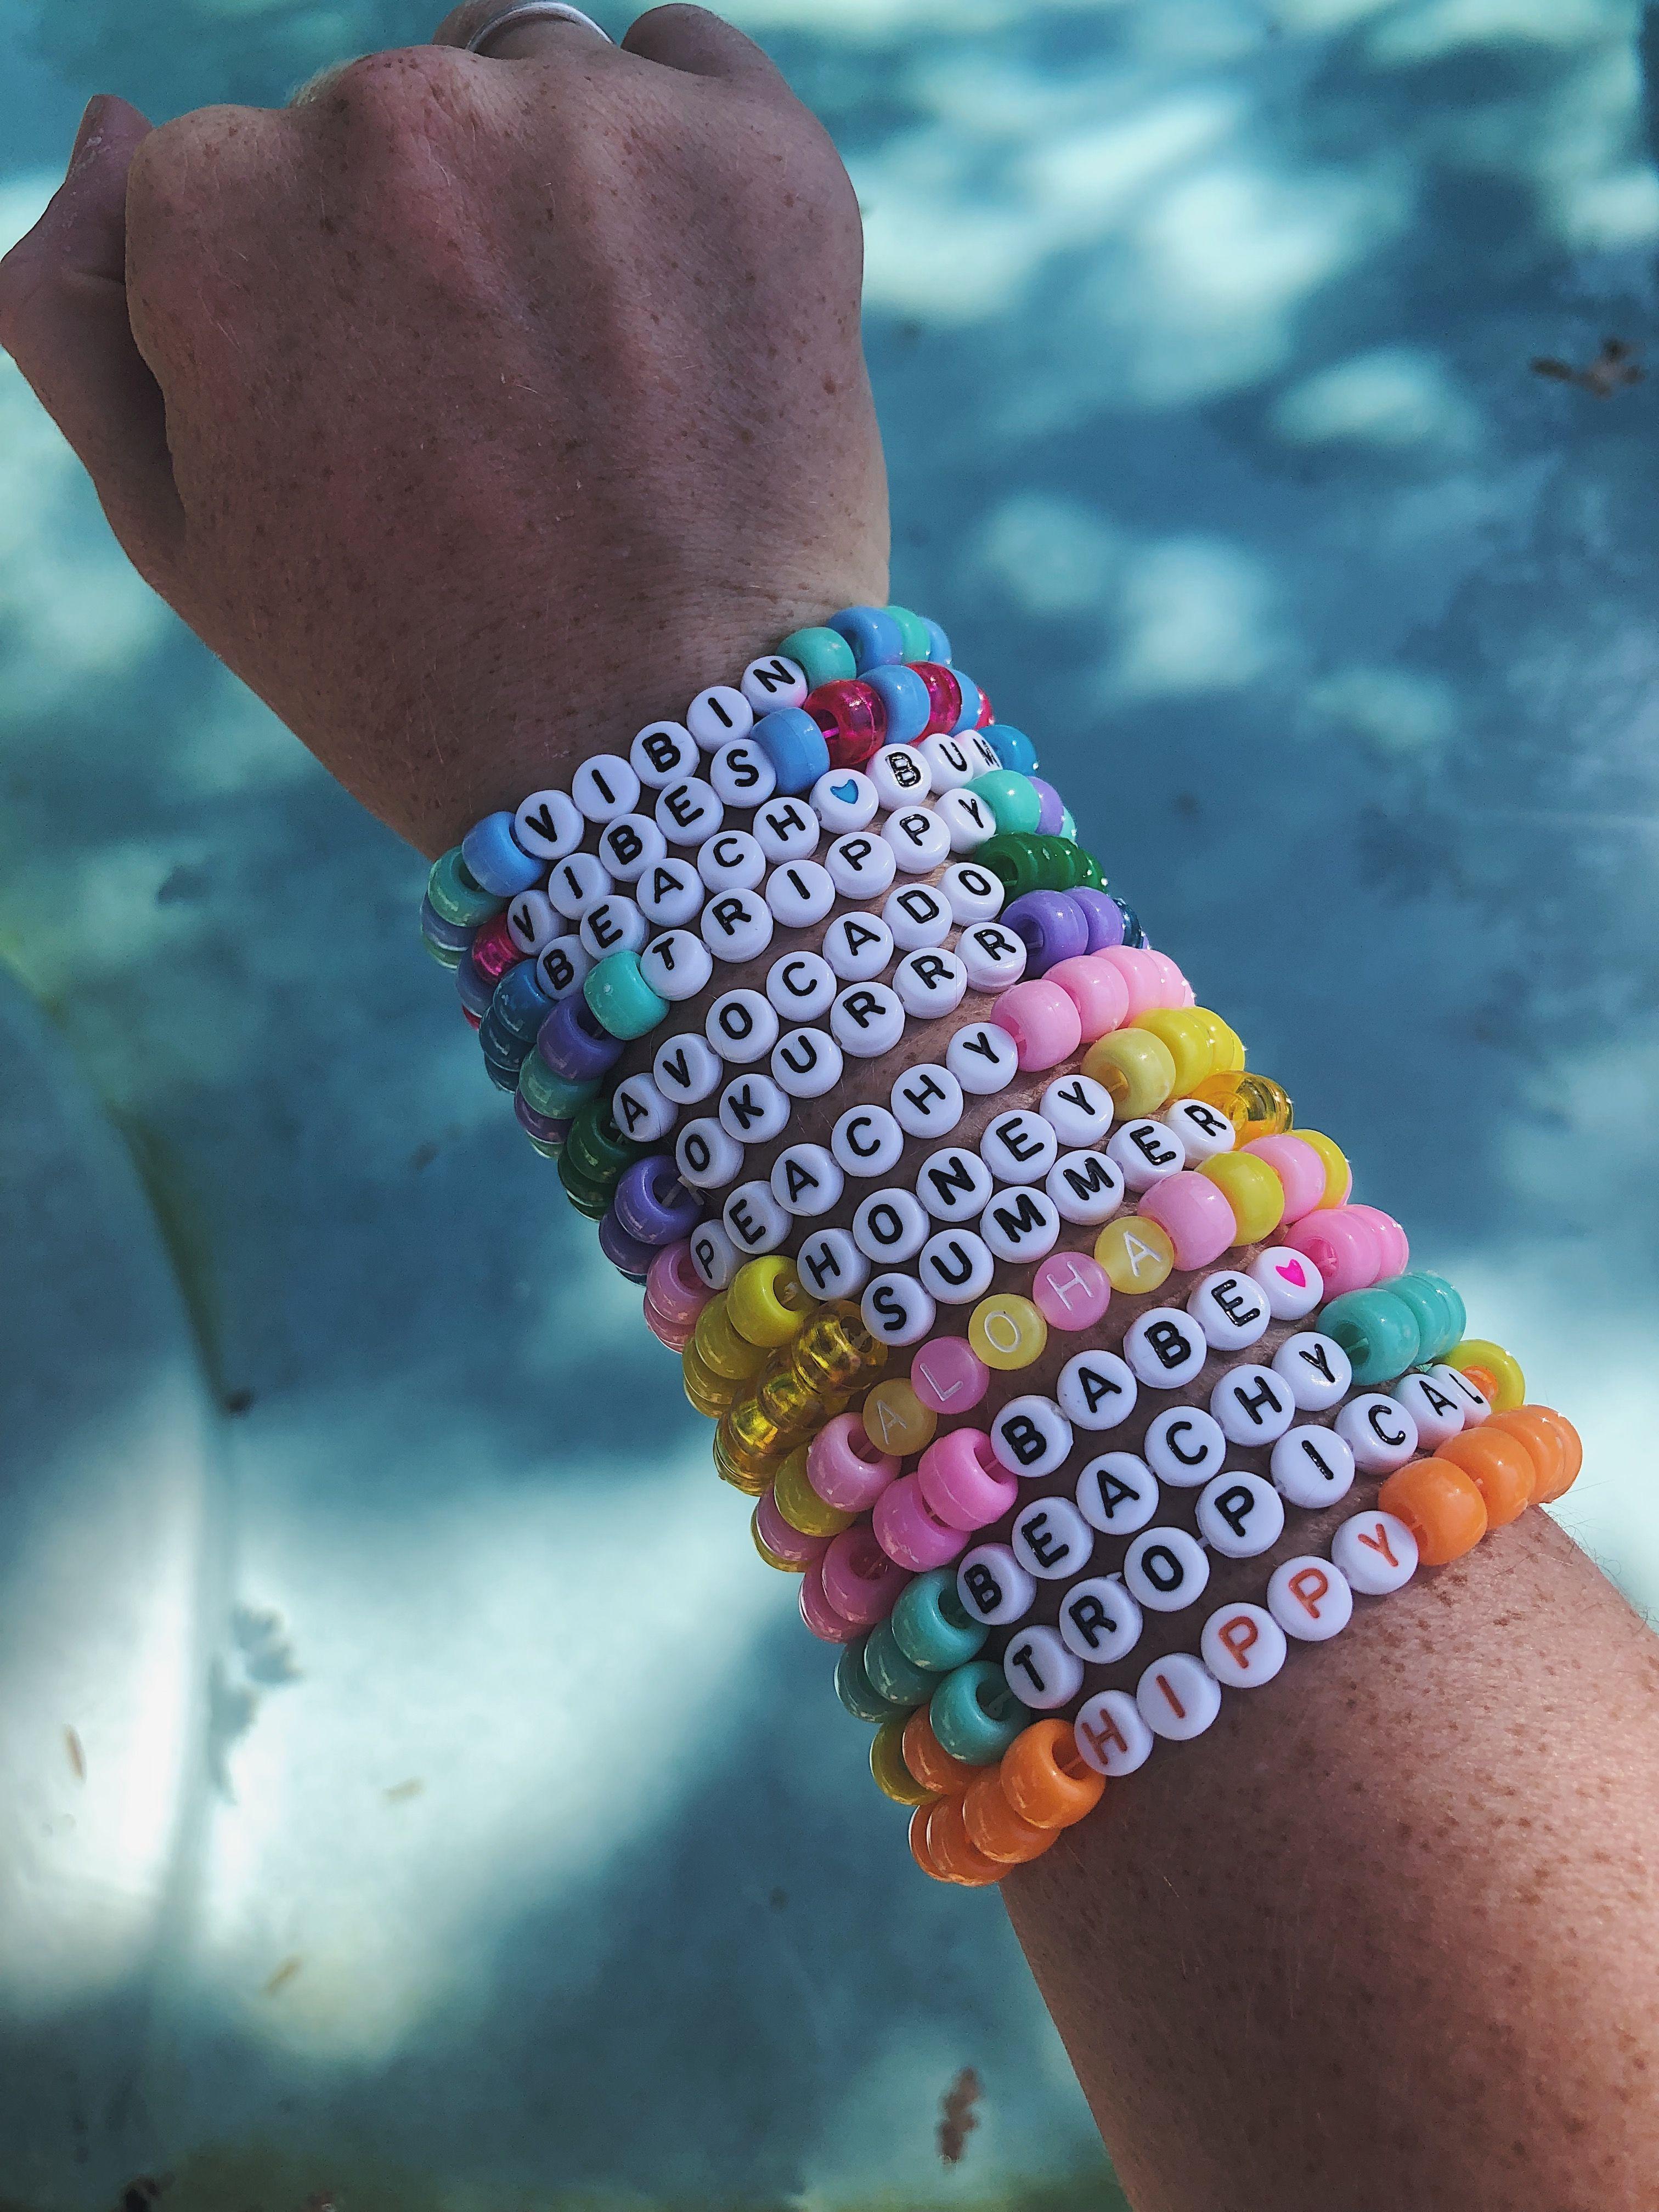 Vsco Bead Bracelets With Words : bracelets, words, Custom, Bracelet,, Jewelry,, Beaded, Letter, Kandi, Friendship, Bracelets, Beads,, Bracelets,